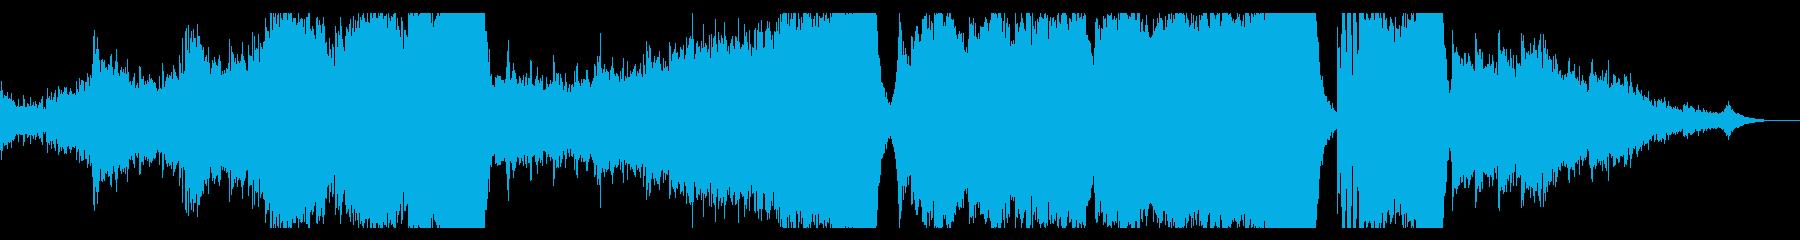 壮大なストレングスが物語を語るの再生済みの波形